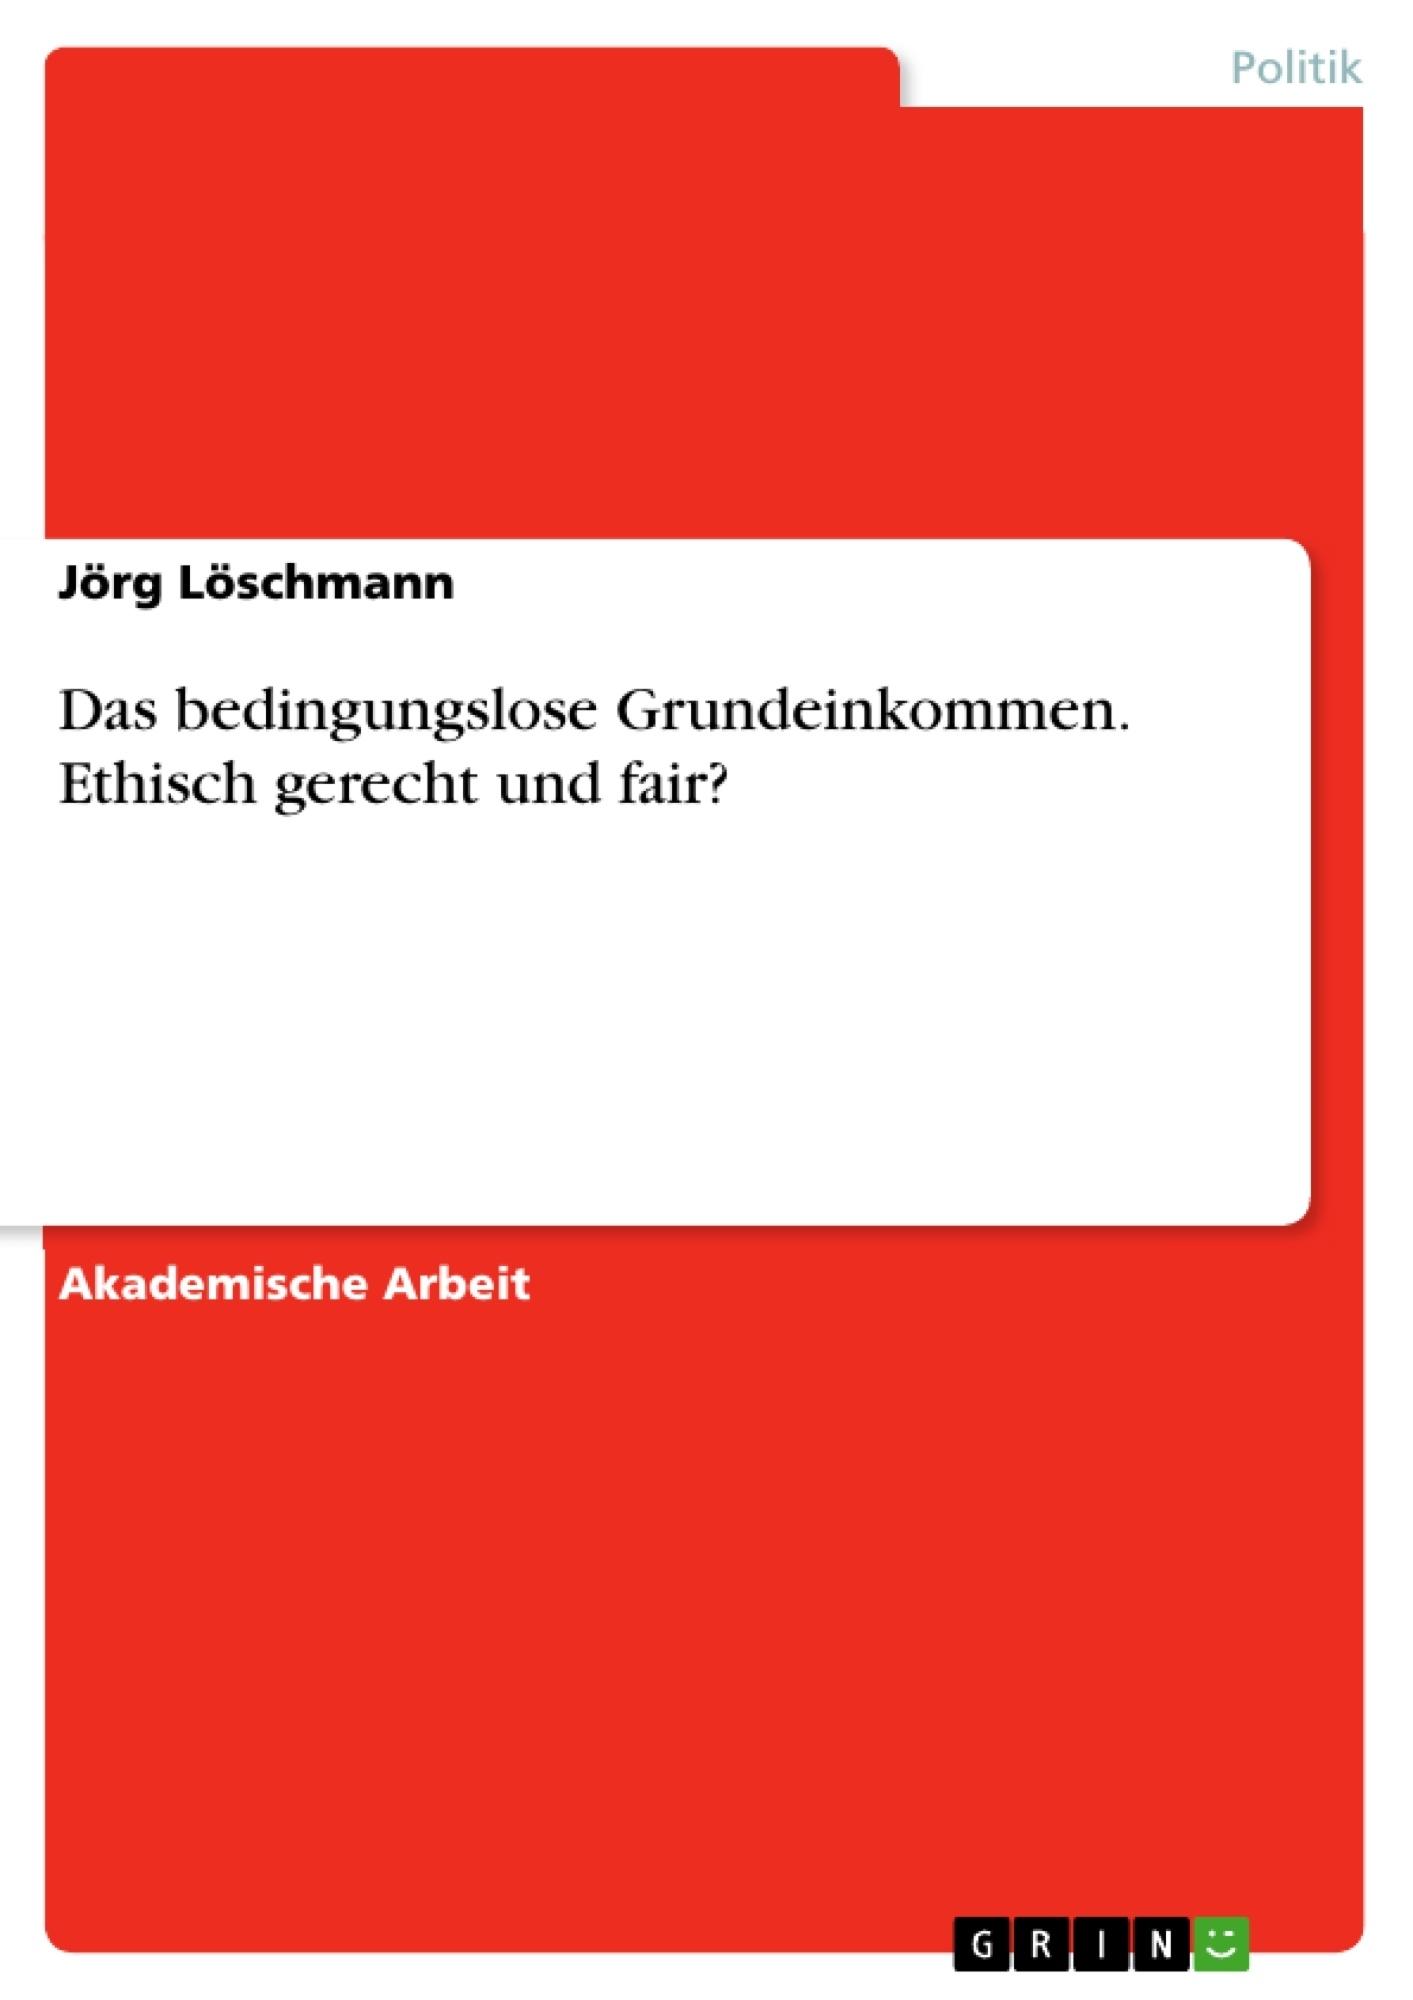 Titel: Das bedingungslose Grundeinkommen. Ethisch gerecht und fair?